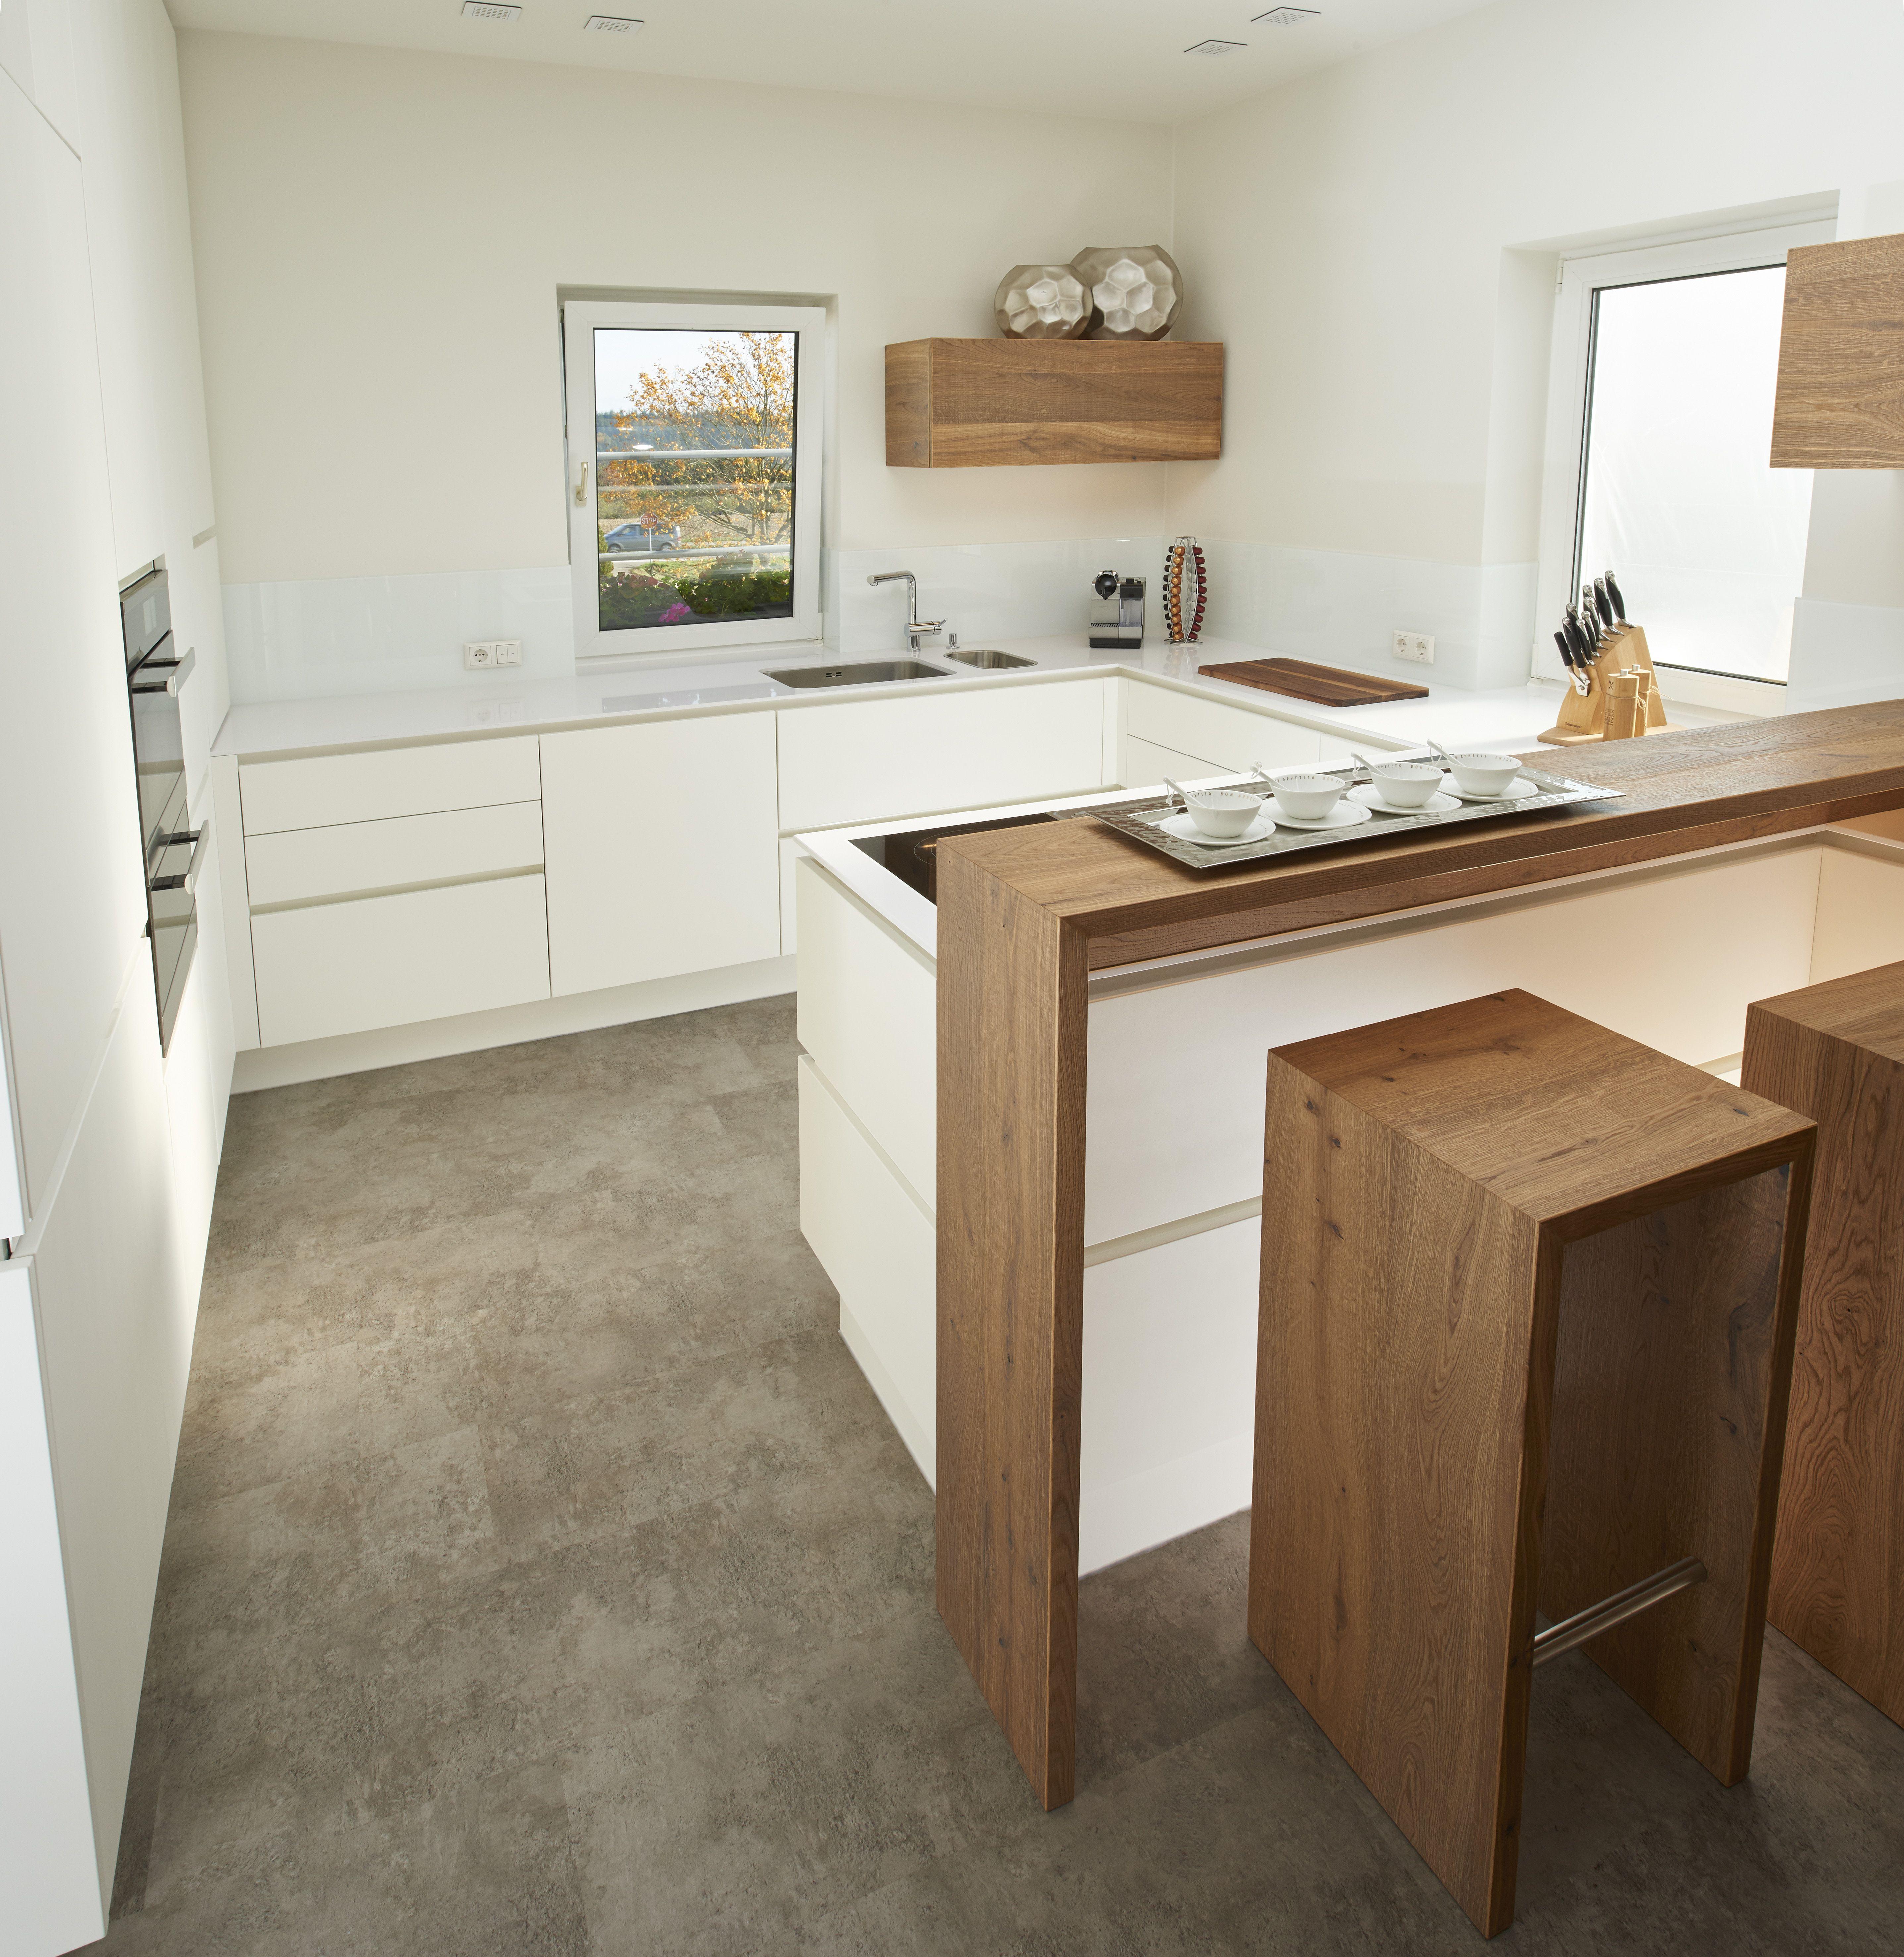 Diese Küche Verfügt über Weißen Strukturlack Sowie Eine Arbeitsplatte Aus  Quarzstein Silestone In Weiß. Die